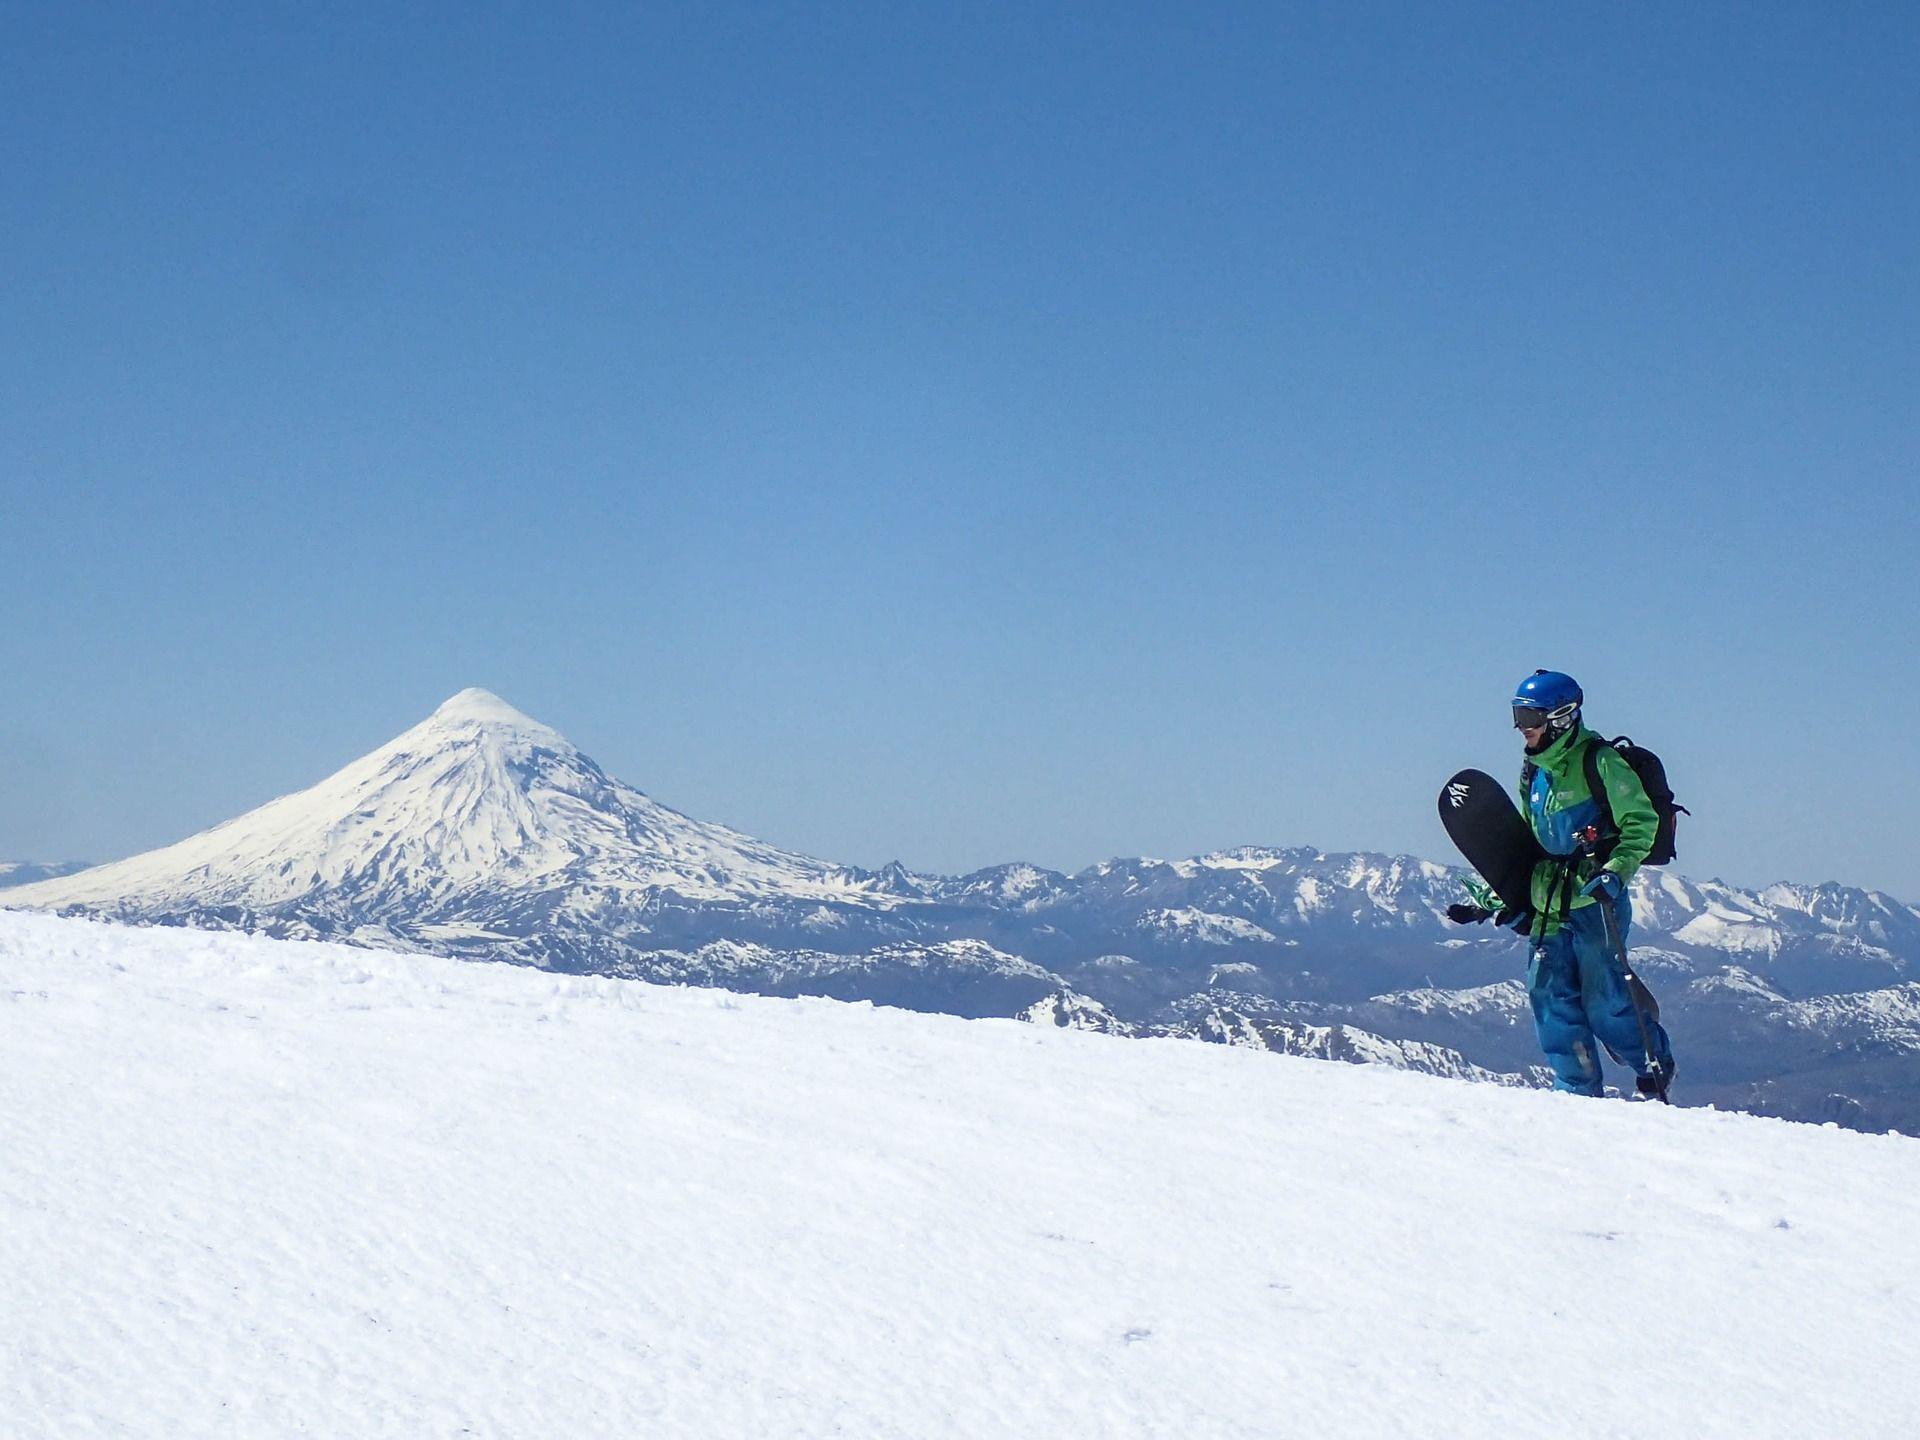 Snowboard freeride czy freestyle? Omawiamy najważniejsze różnice